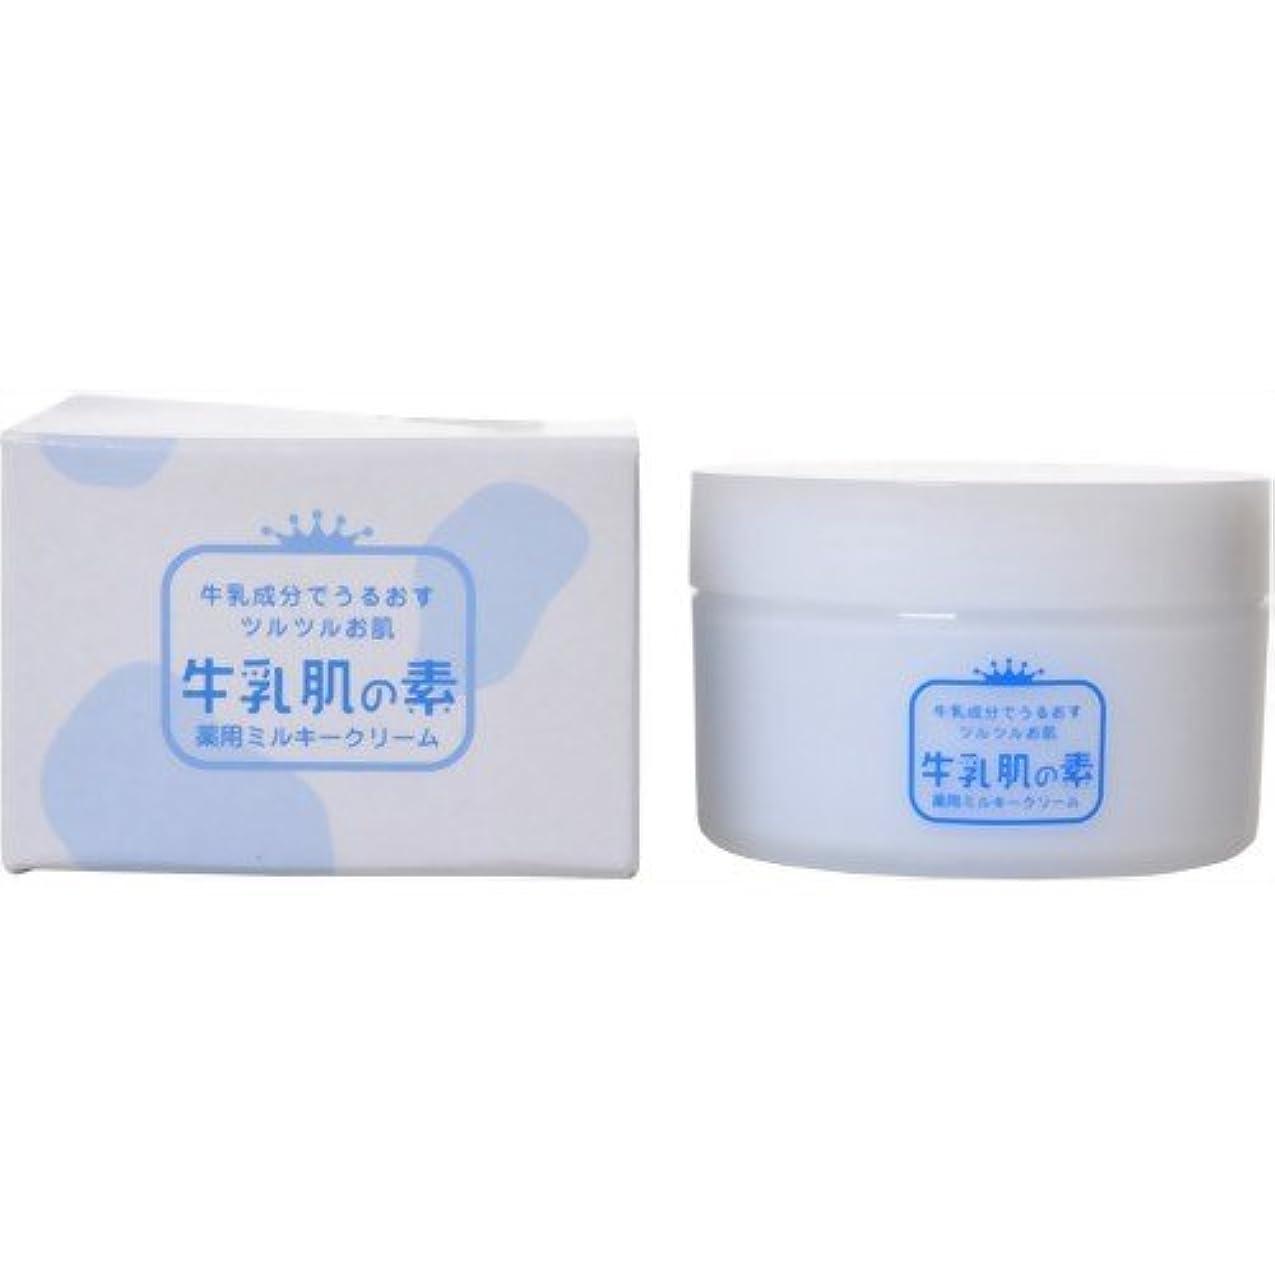 カップル動的キャンバス牛乳肌の素 薬用ミルキークリーム 90g 医薬部外品